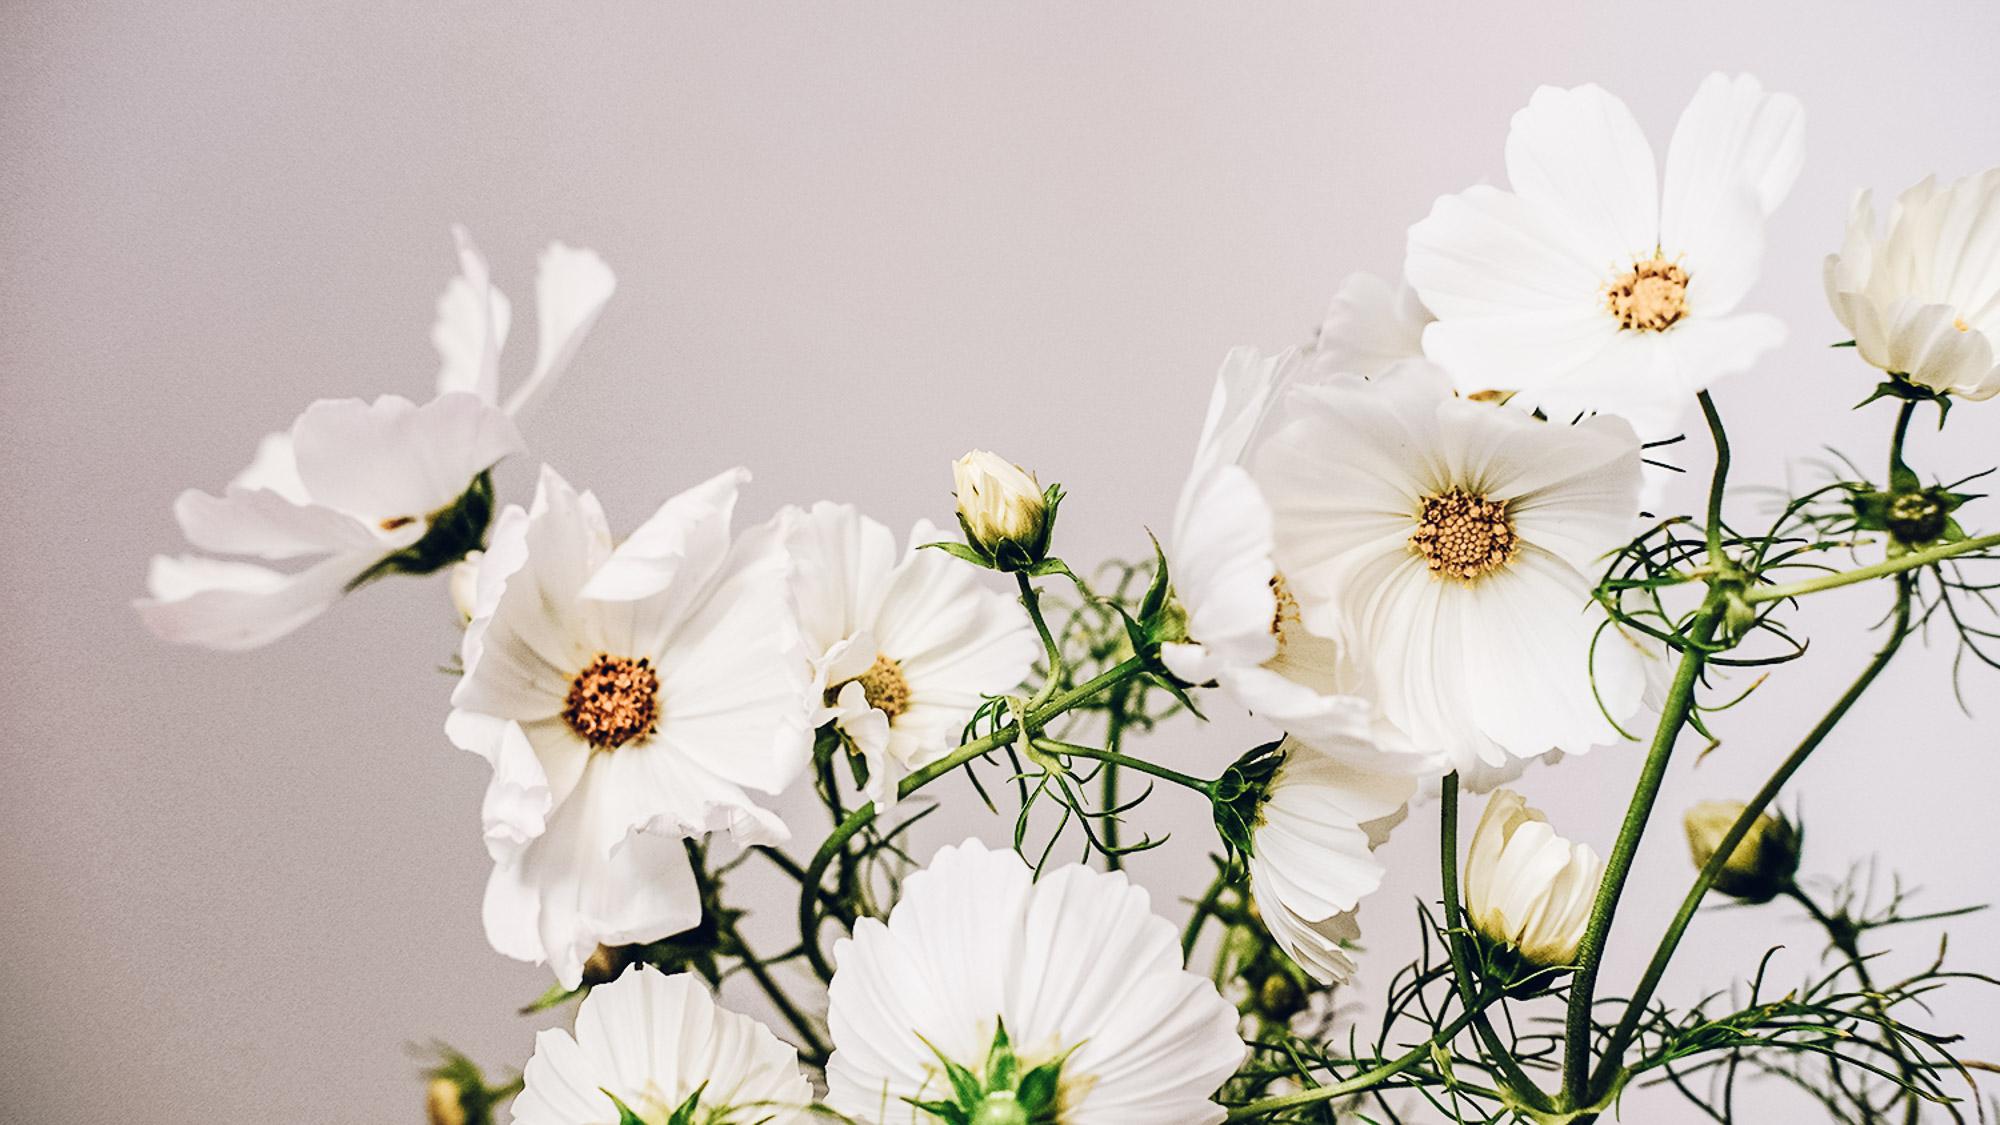 dekoracje-ślubne-kiaty-gdańsk-trójmiasto-3